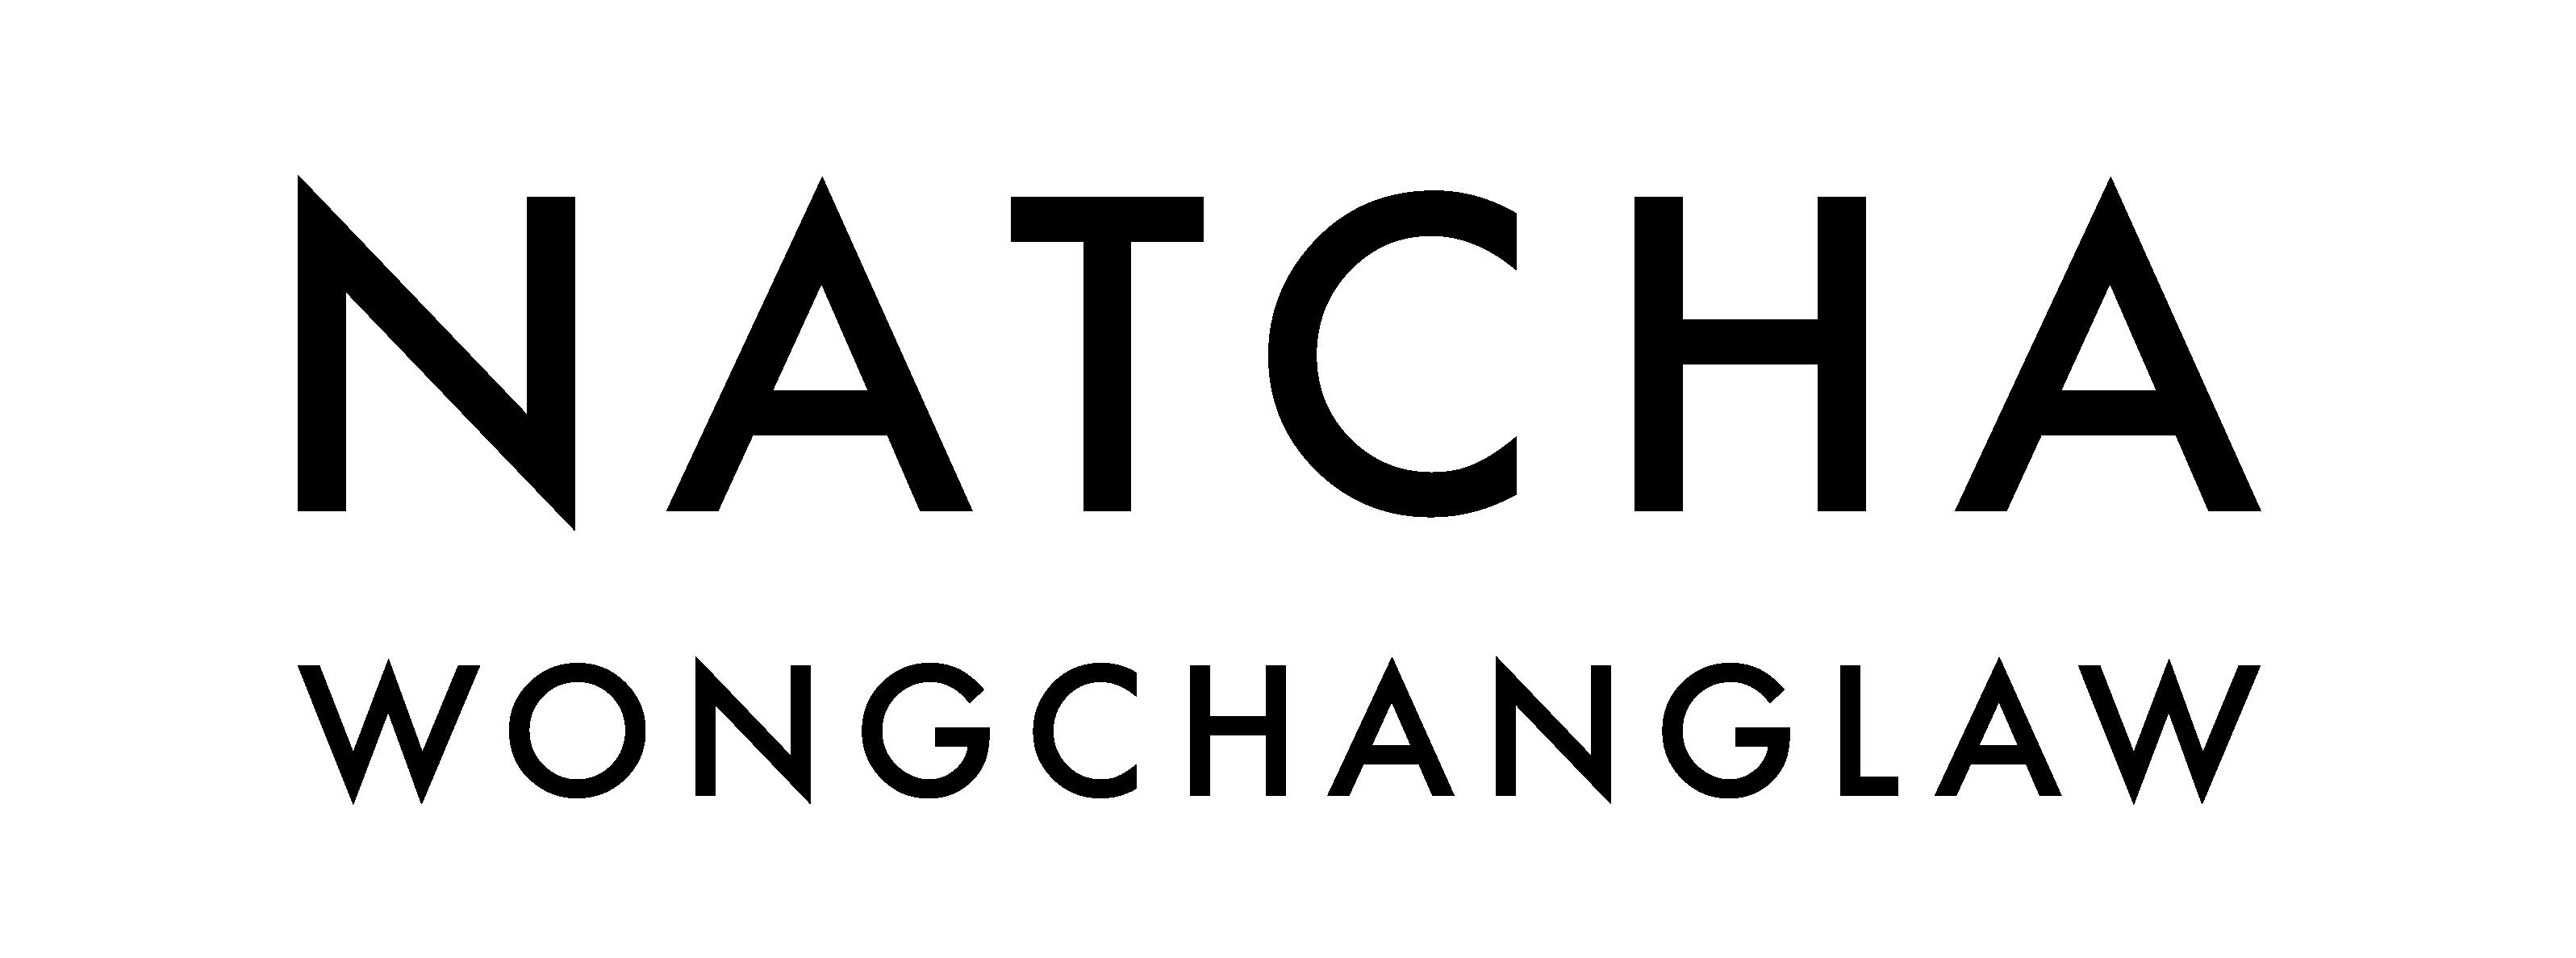 Natcha Wongchanglaw